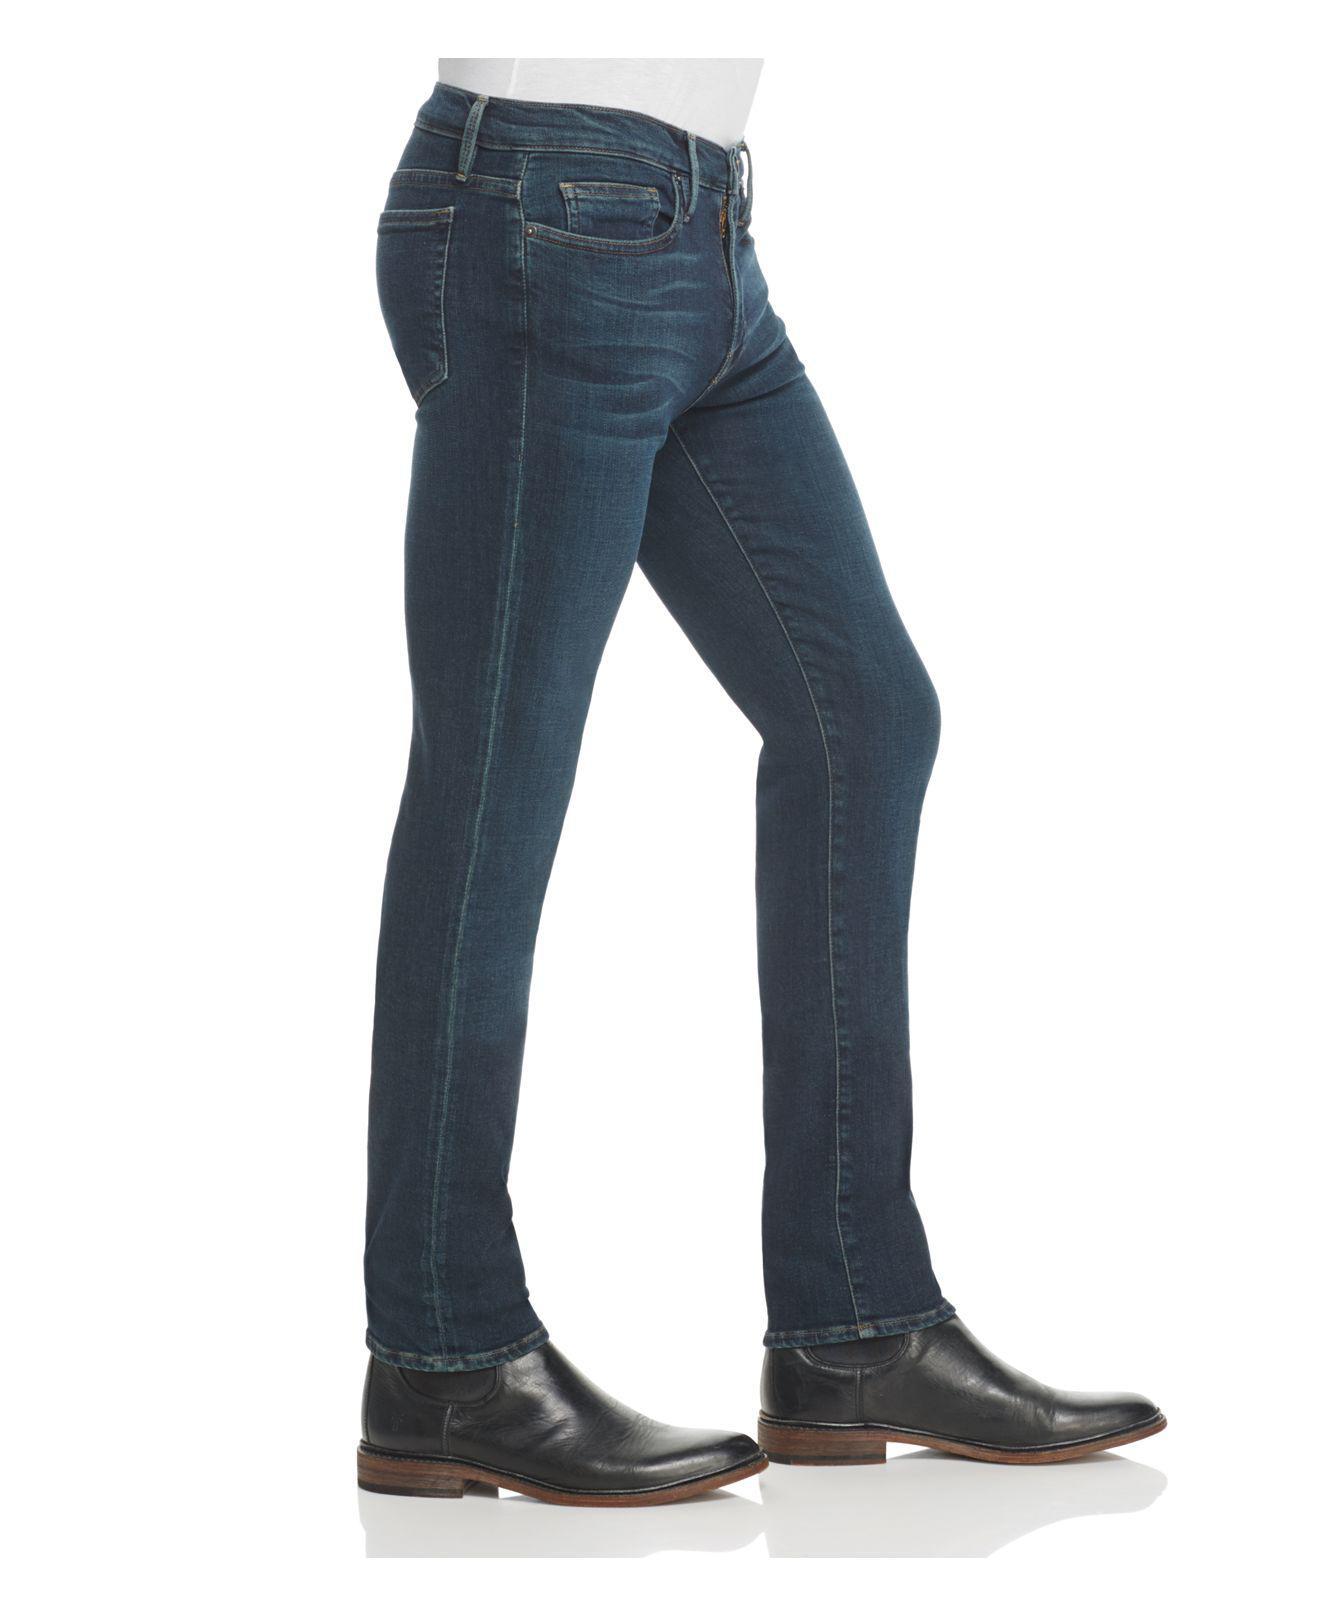 FRAME Denim L'homme Slim Fit Jeans In Evergreen in Blue for Men